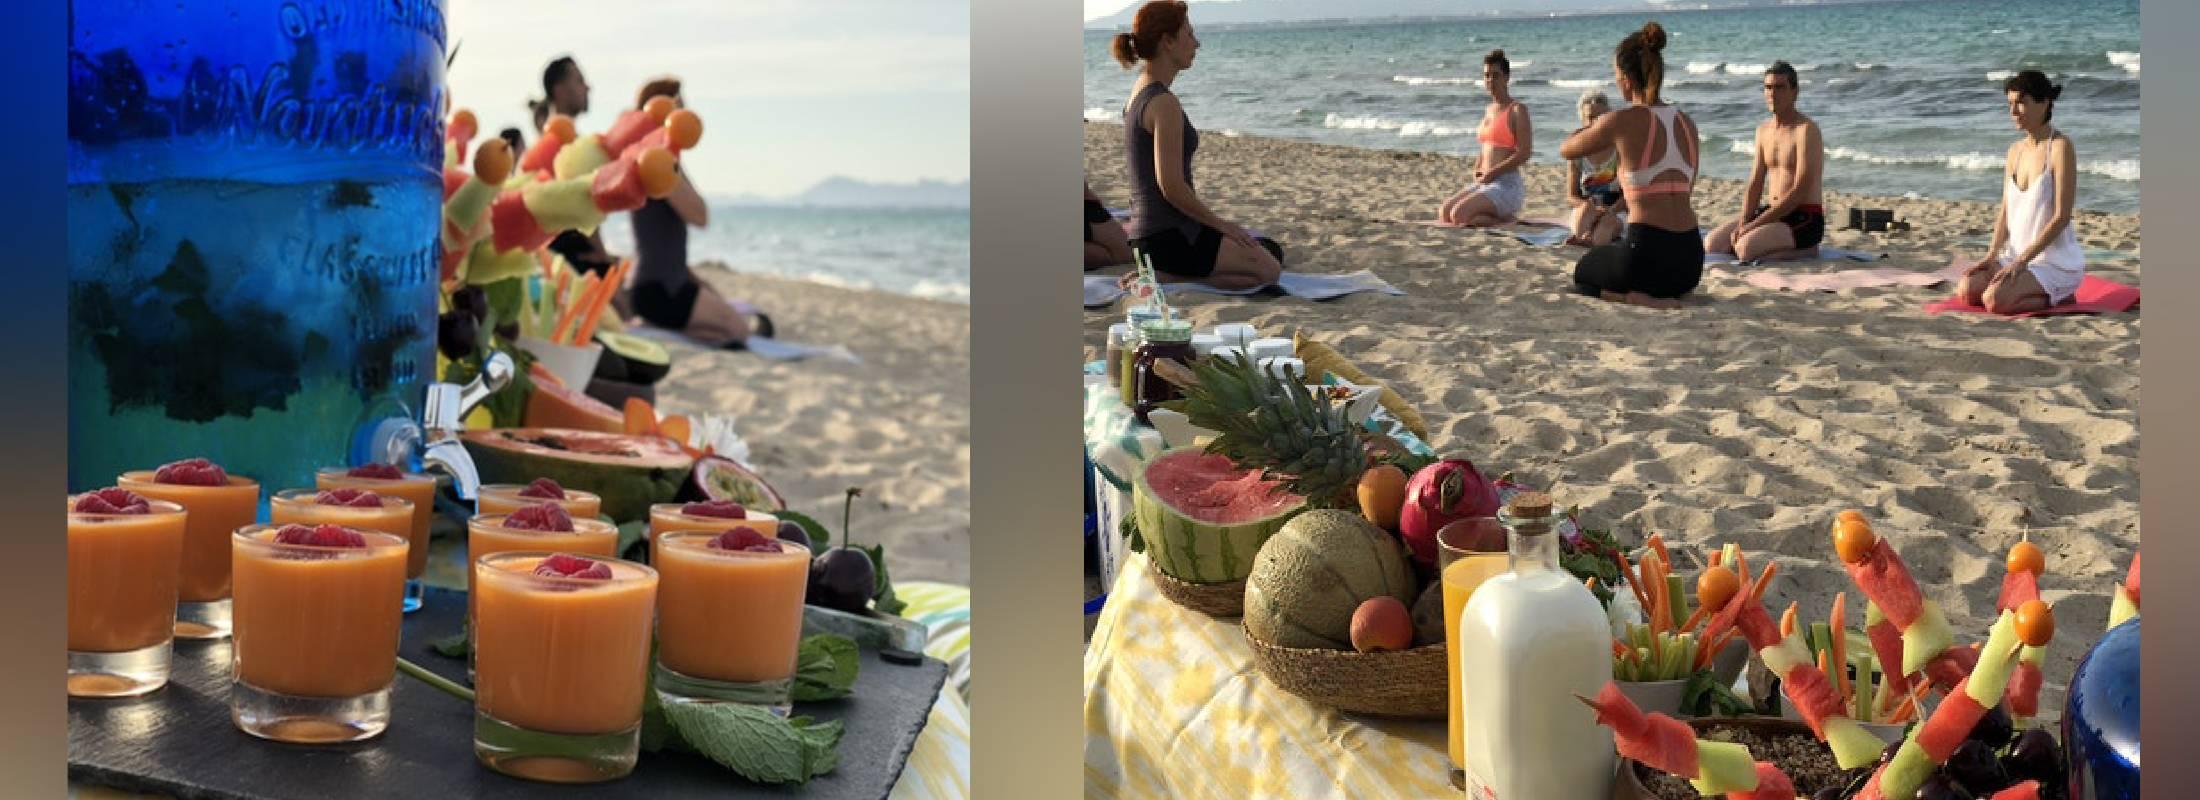 Prácticas en la playa de Famara durante el retiro de 8 días